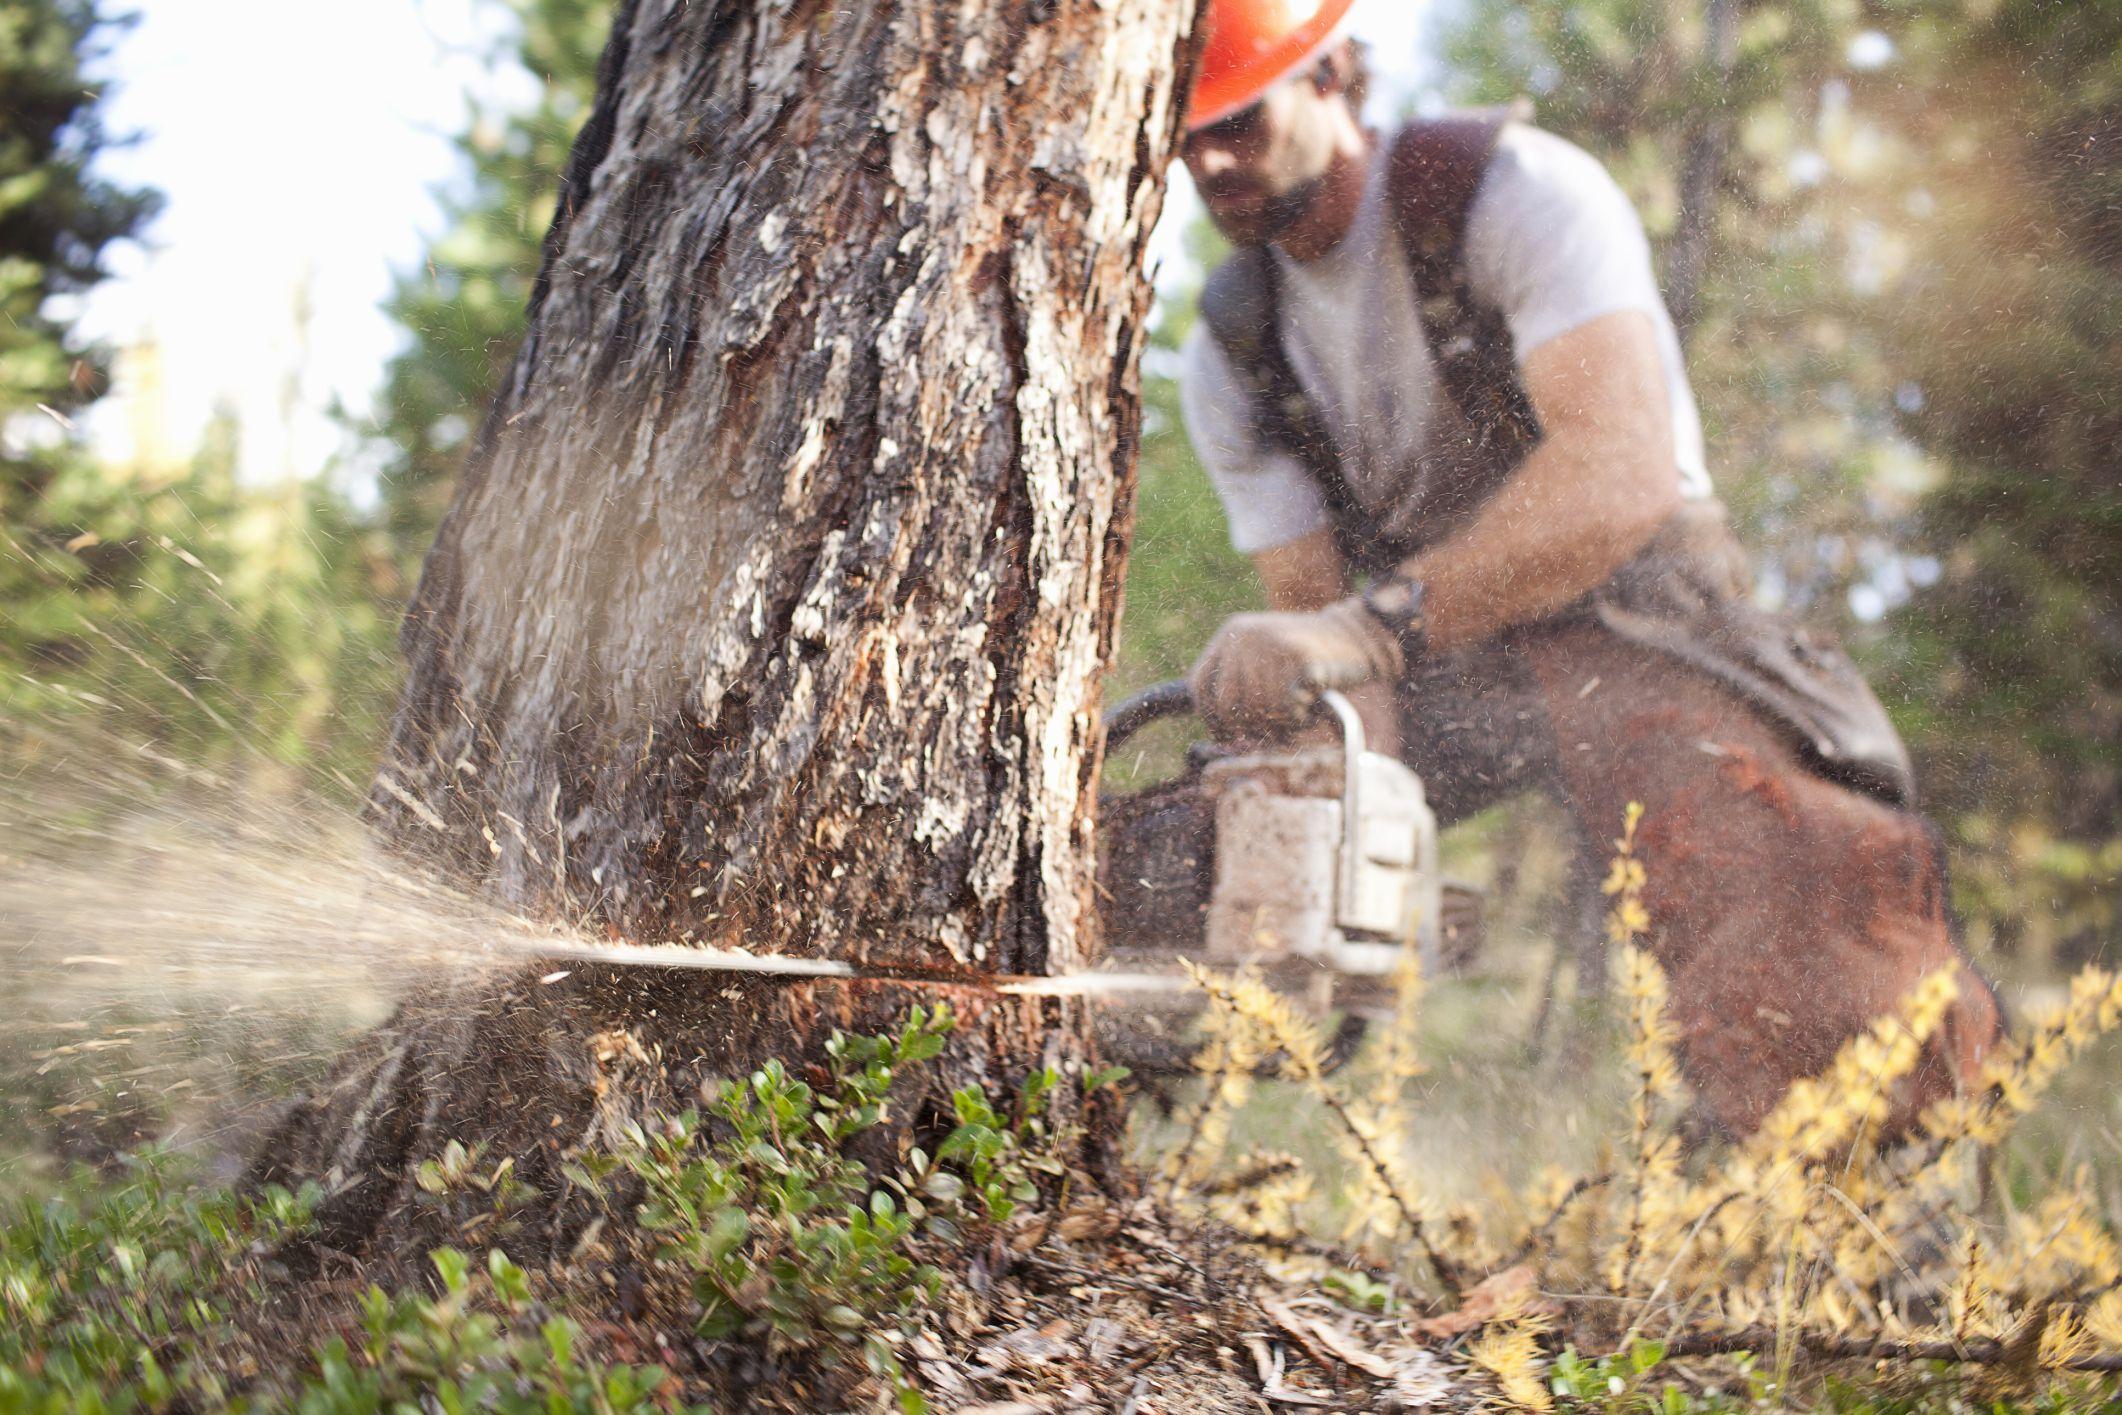 Tarif abattage d'arbre : quels sont les prix ?